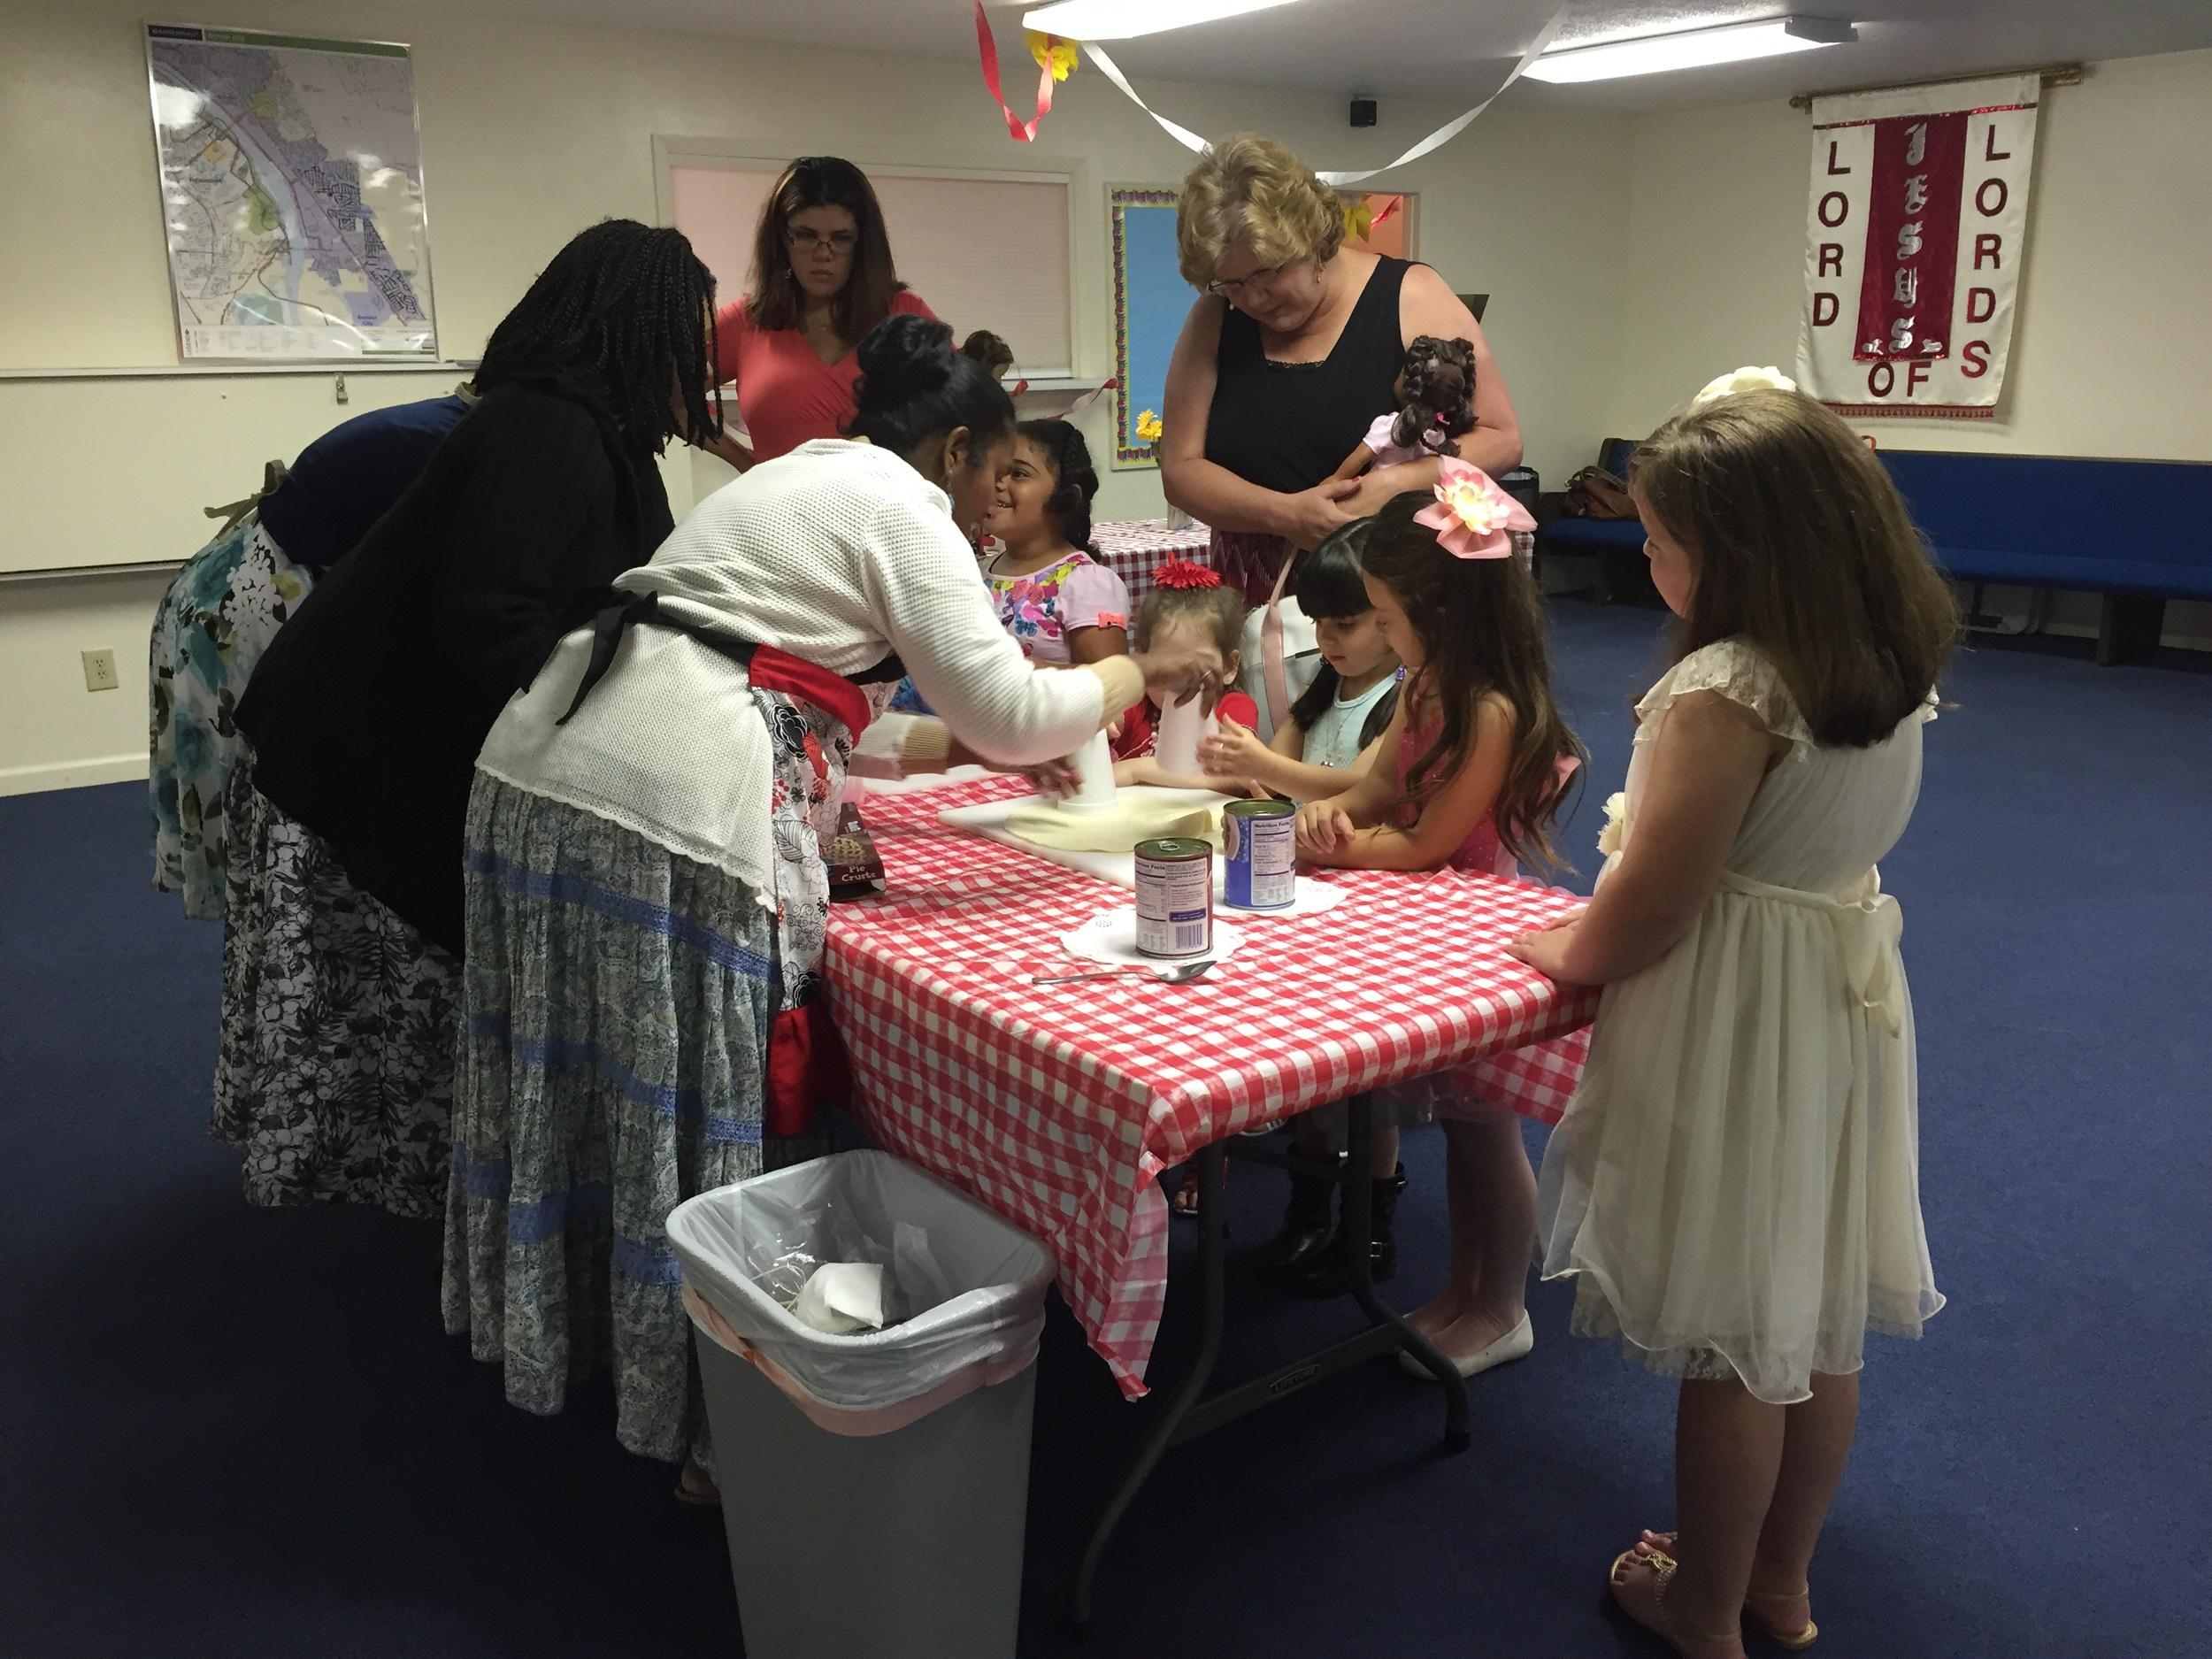 Pie making!!!